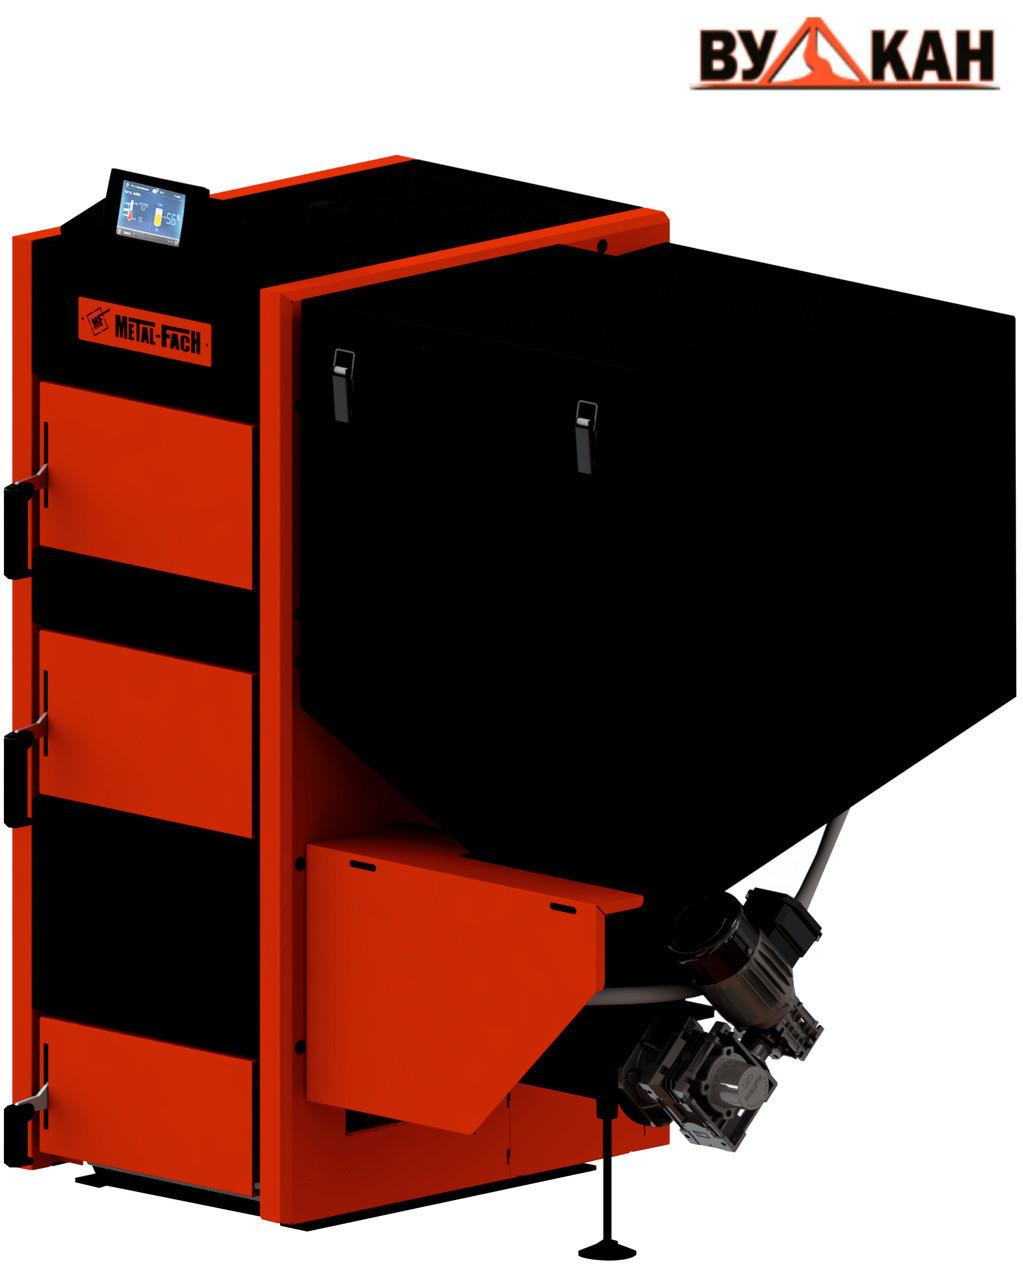 Автоматический котел Metal-Fach SEG 250 кВт с правой подачей